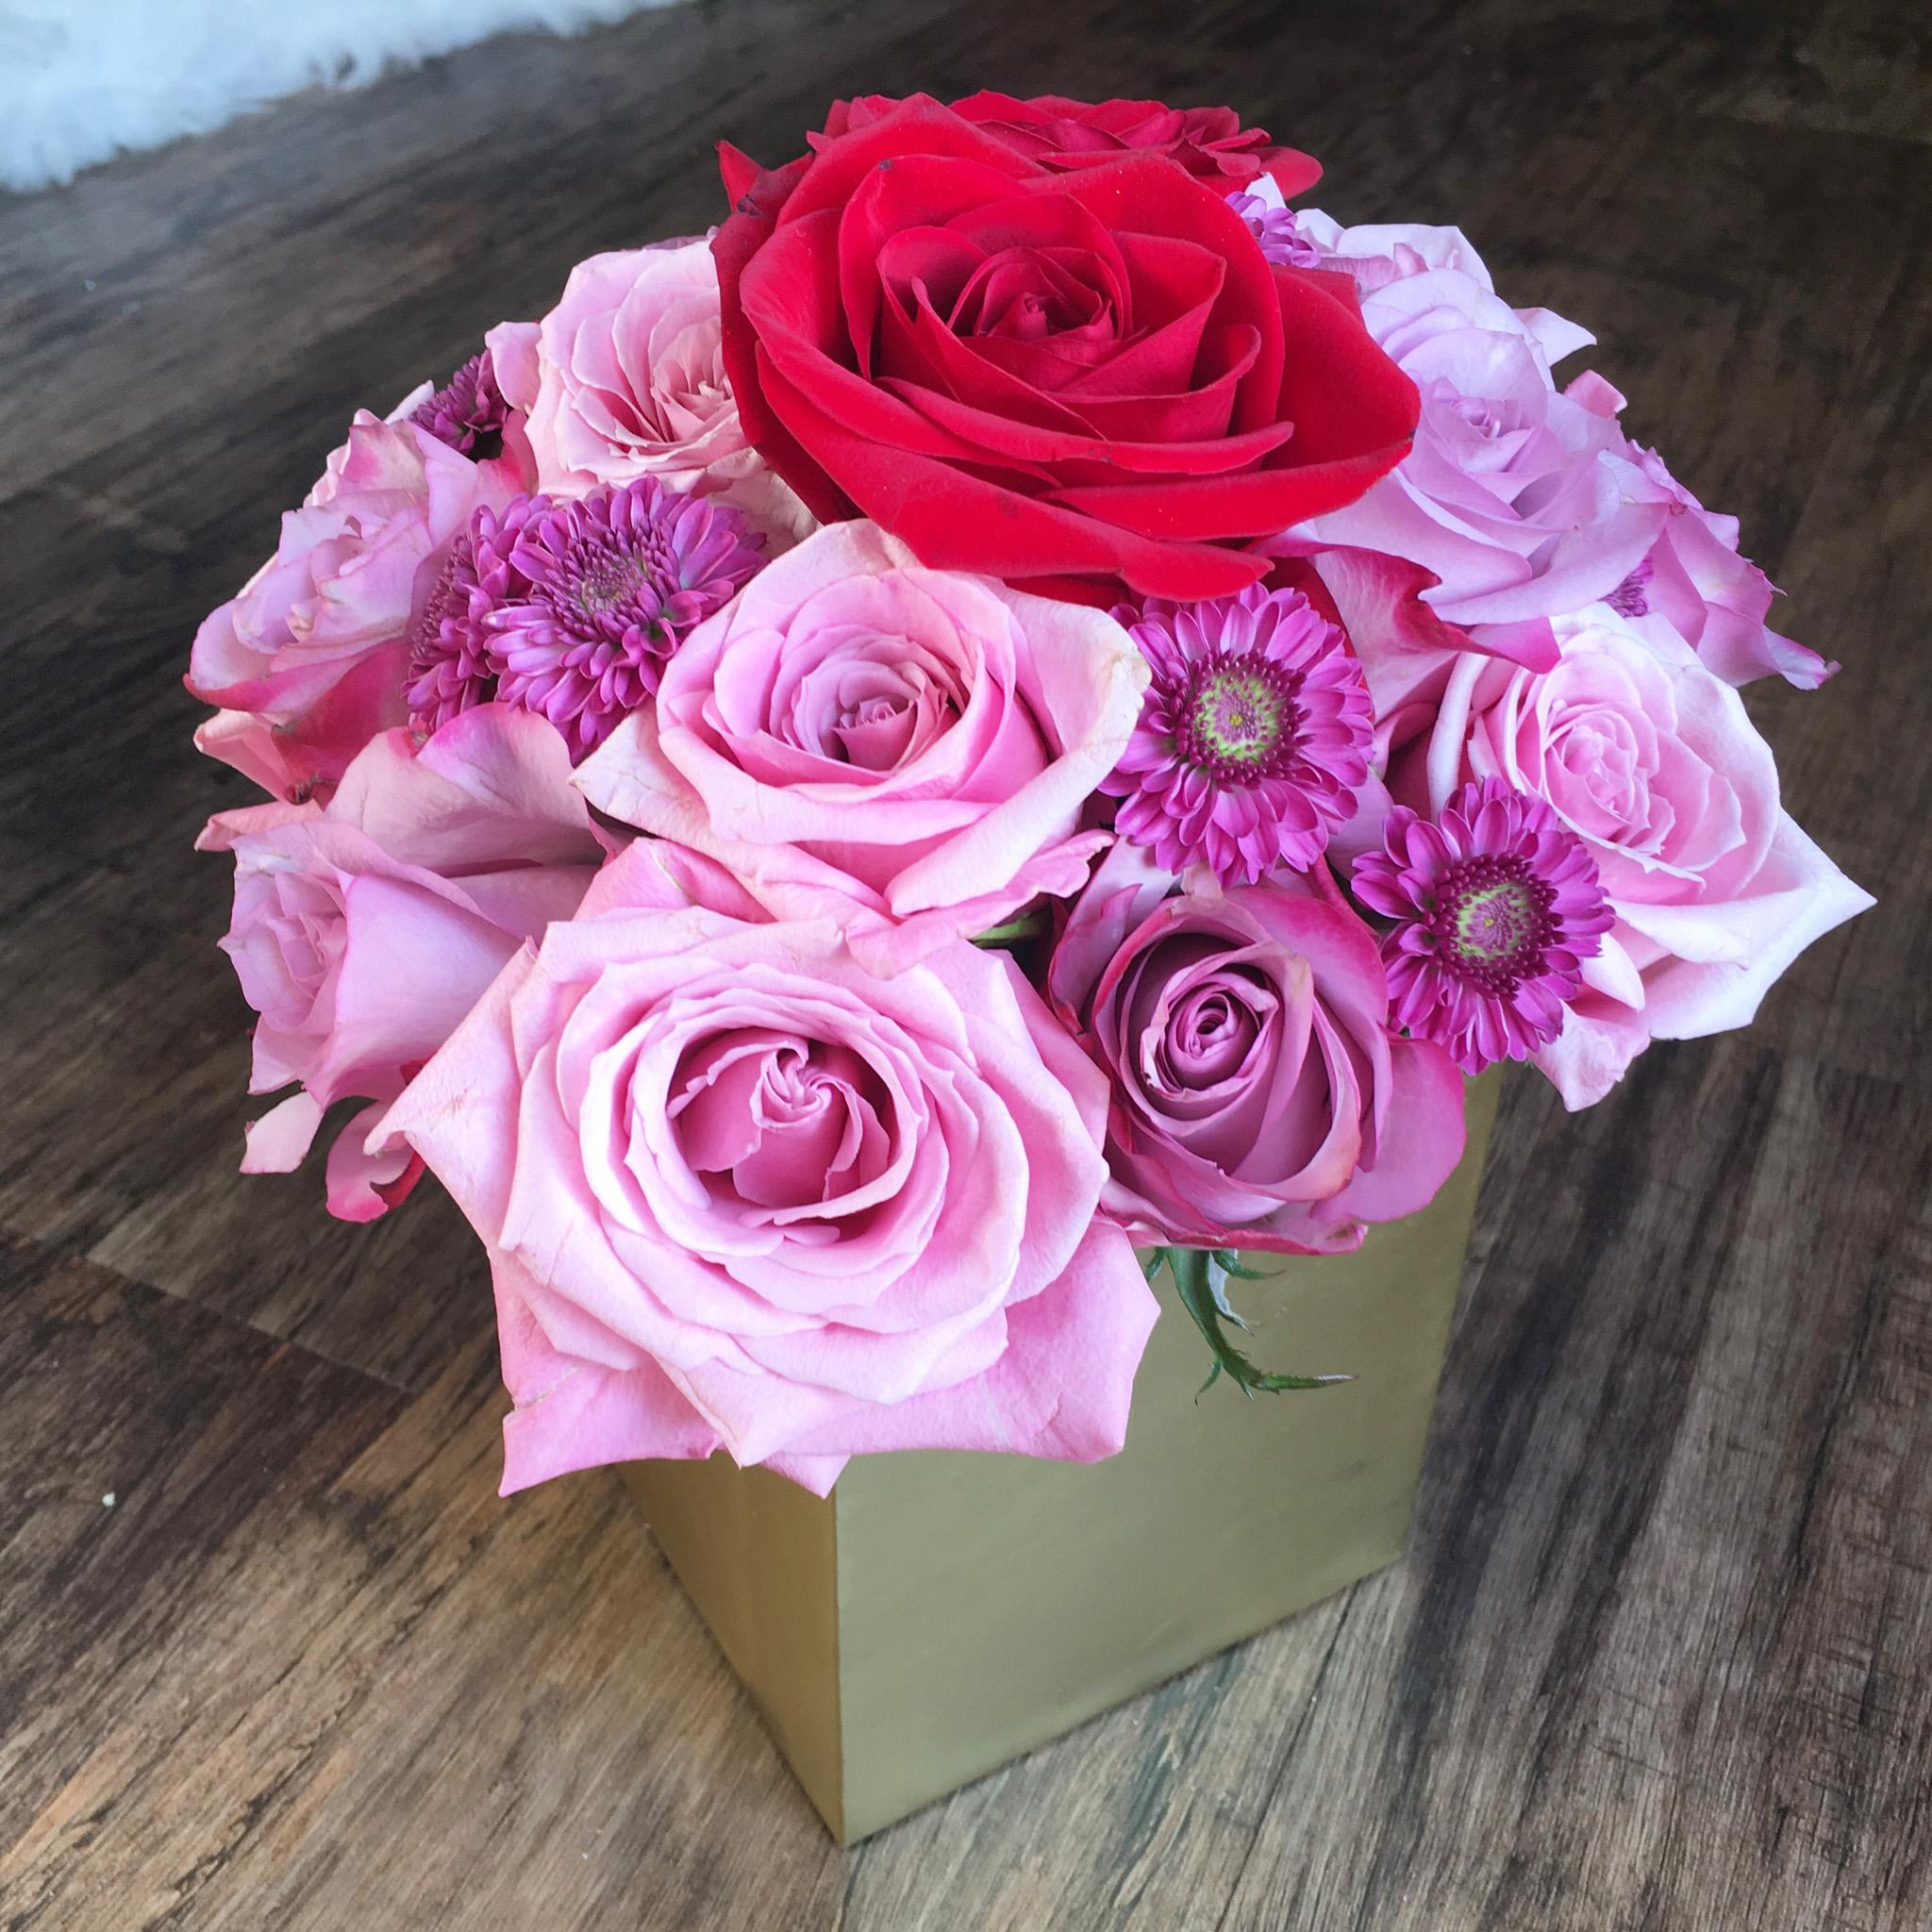 purple_red_pink_roses_mckenziechic2.jpg